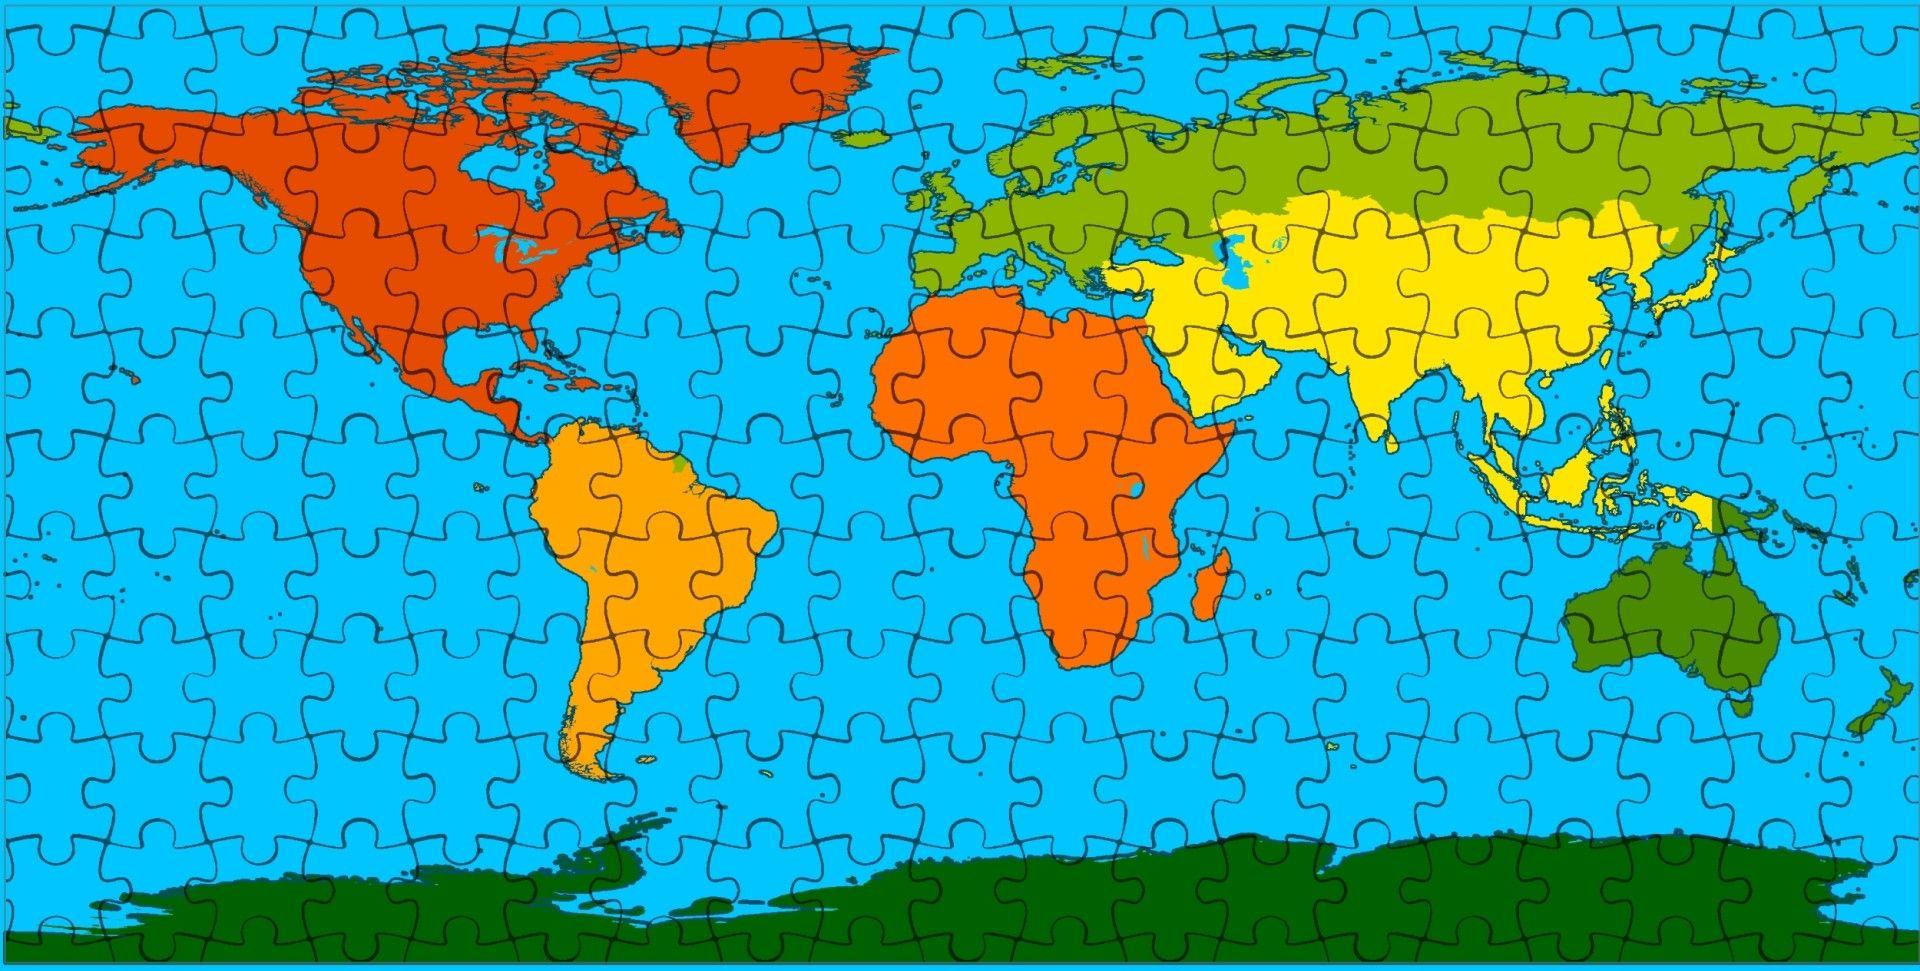 خريطة ألغاز Cartography Map World Map